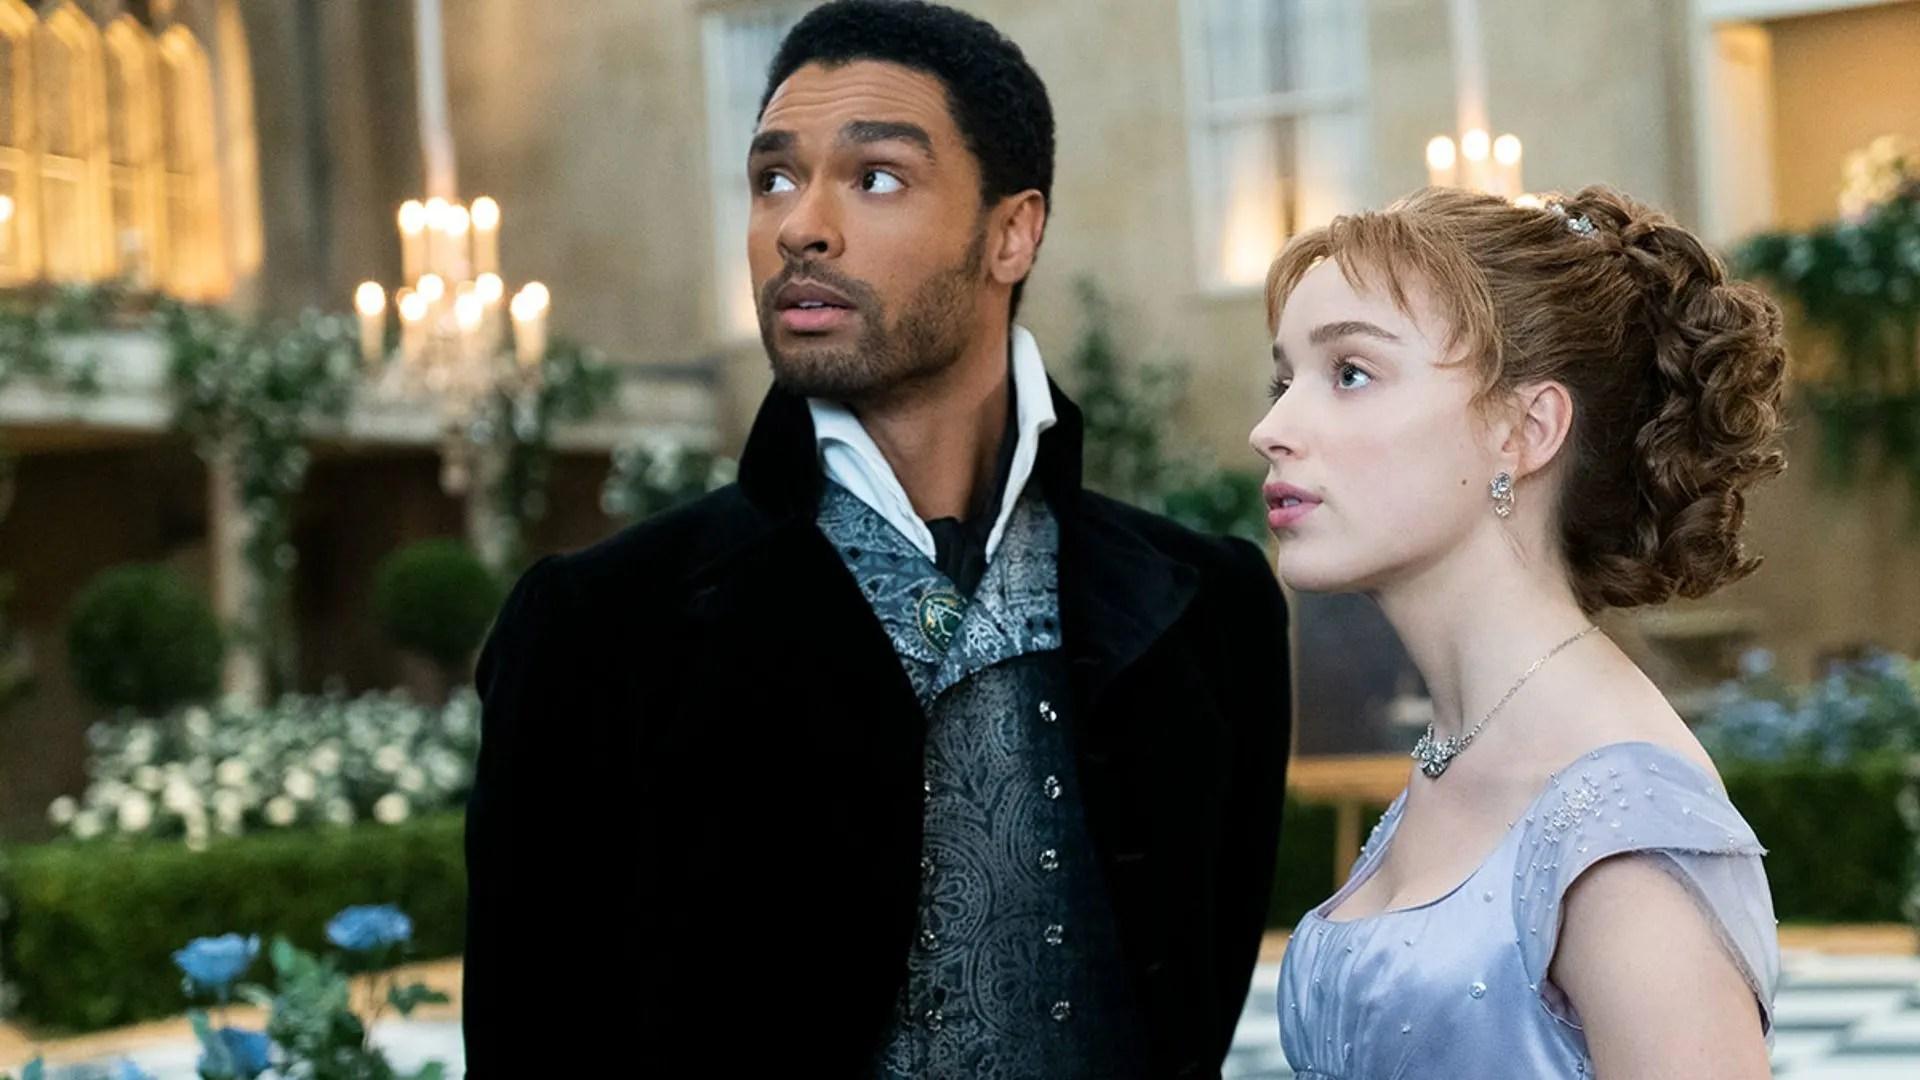 Bridgerton star Phoebe Dynevor breaks silence on co-star Rege-Jean Page romance